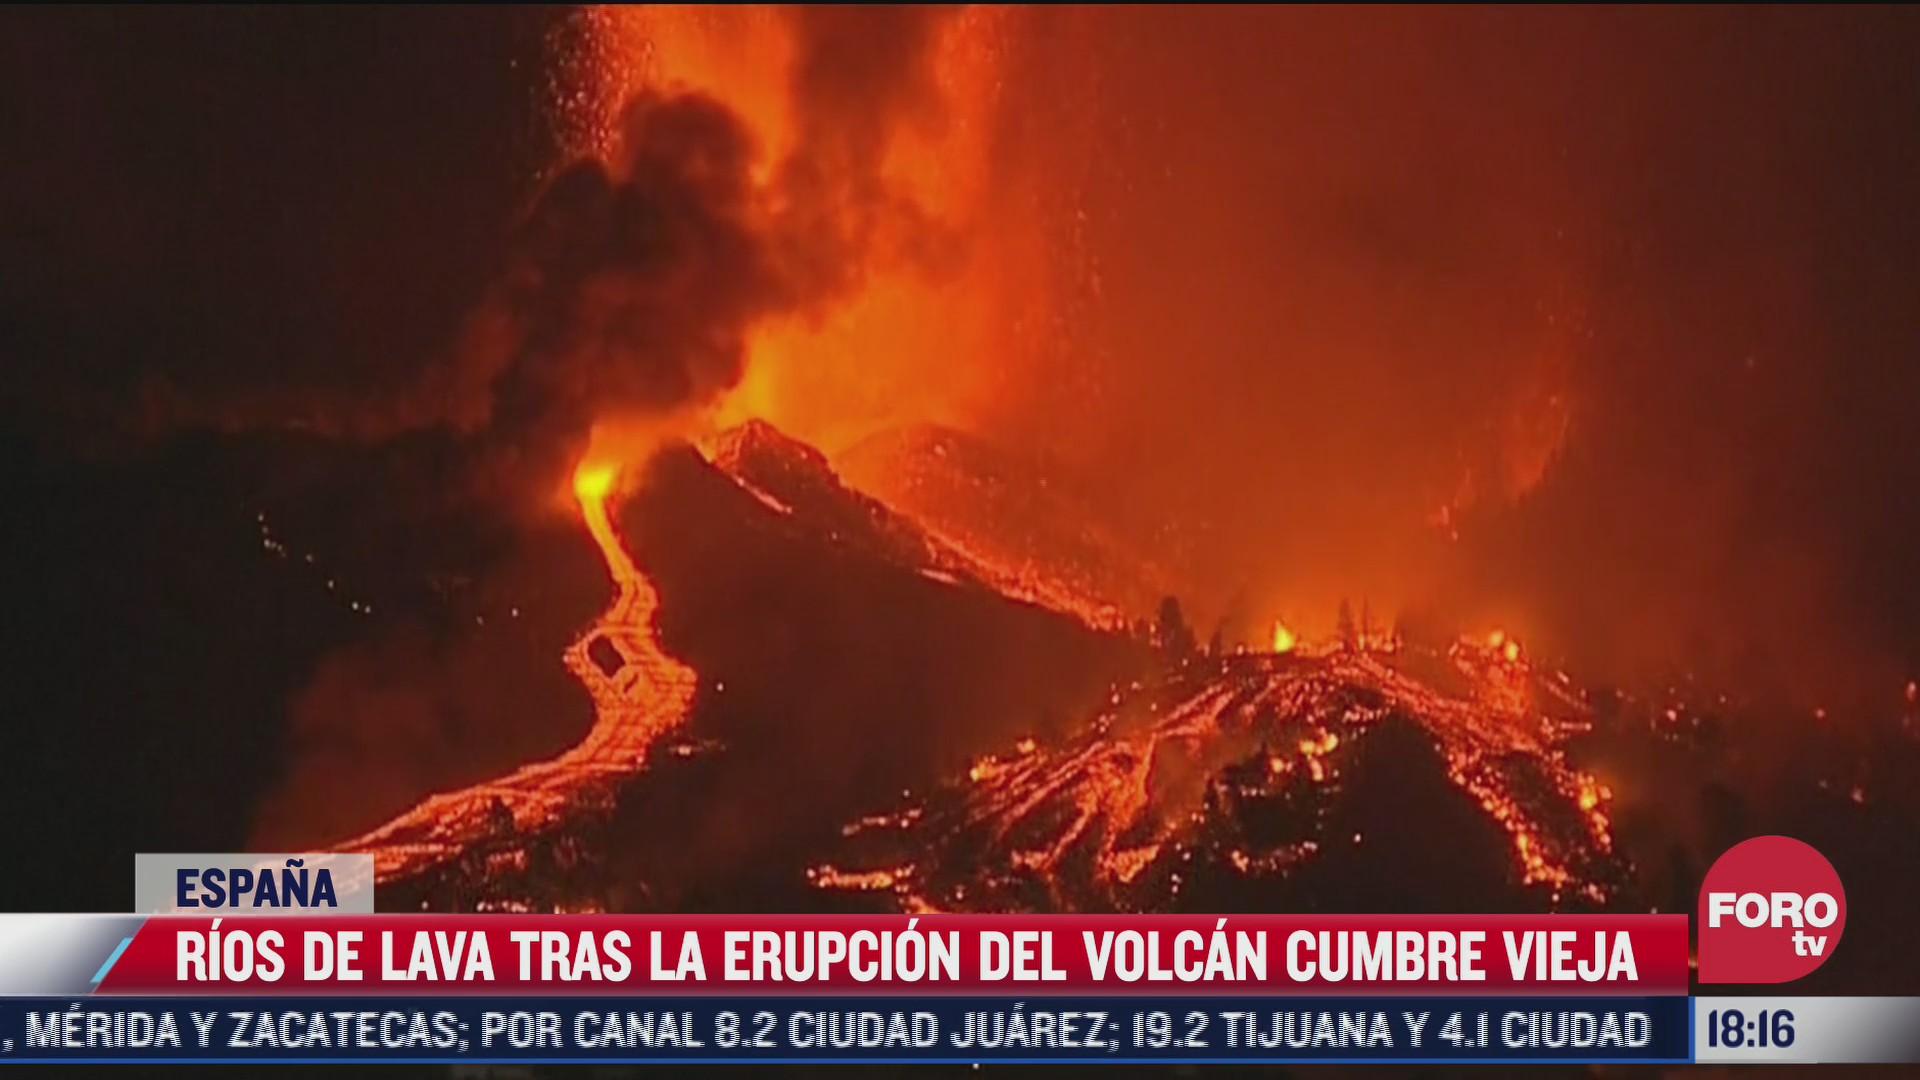 rios de lava tras erupcion del volcan cumbre vieja en espana